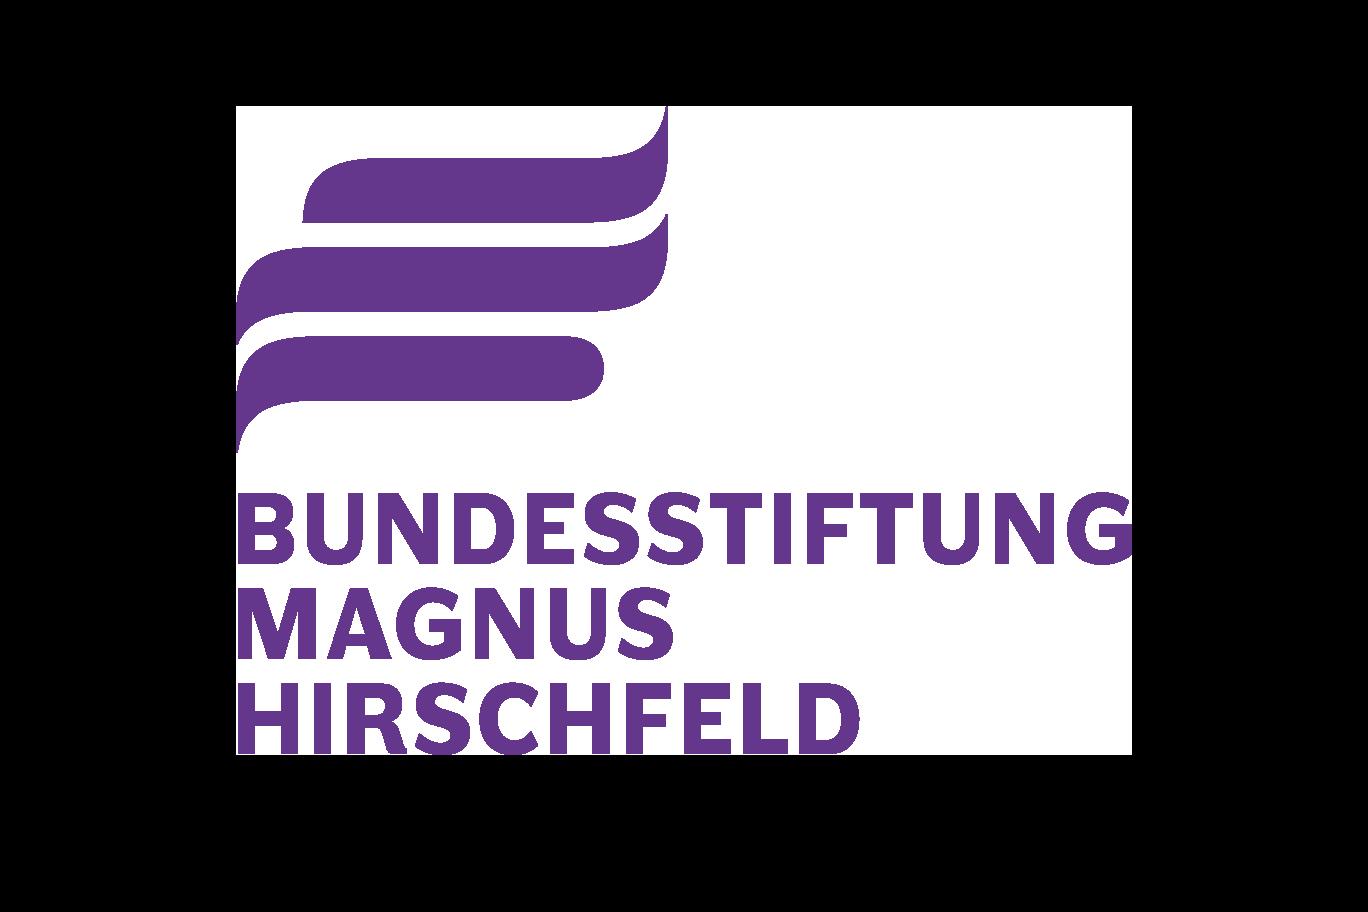 Aufnahme In Das Kuratorium Der Bundesstiftung Magnus Hirschfeld